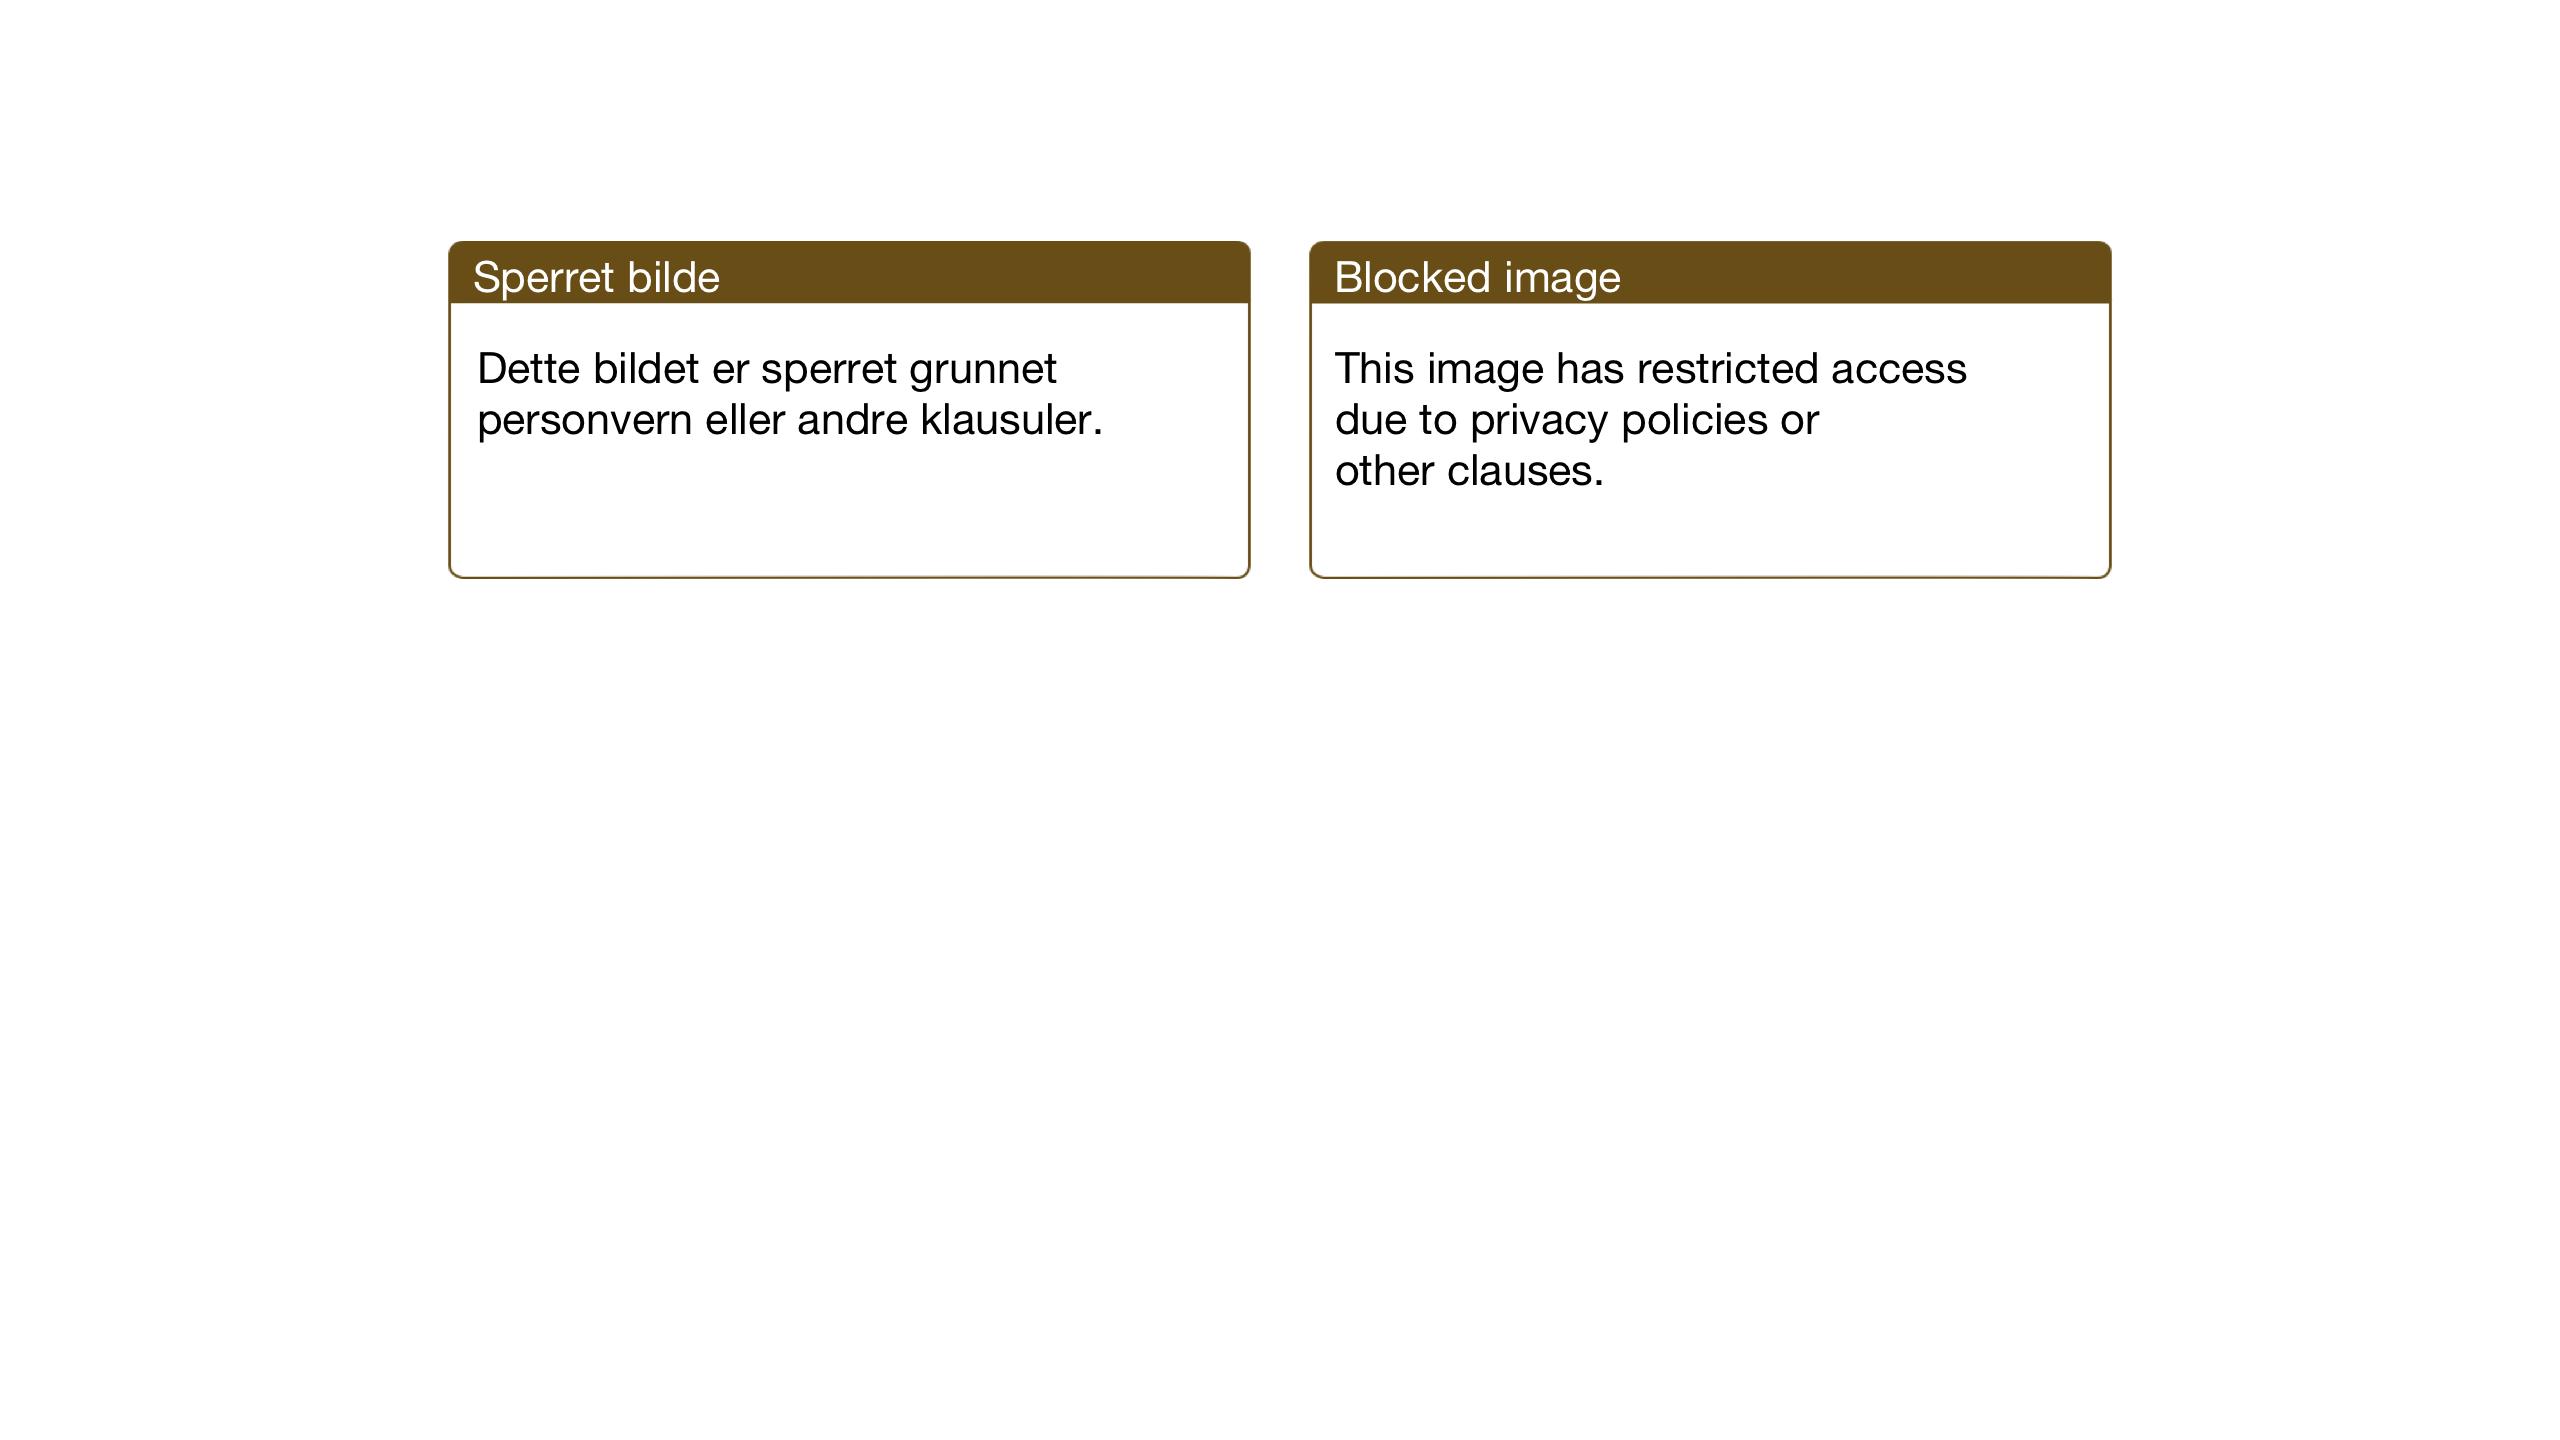 SAT, Ministerialprotokoller, klokkerbøker og fødselsregistre - Sør-Trøndelag, 606/L0315: Klokkerbok nr. 606C11, 1938-1947, s. 96